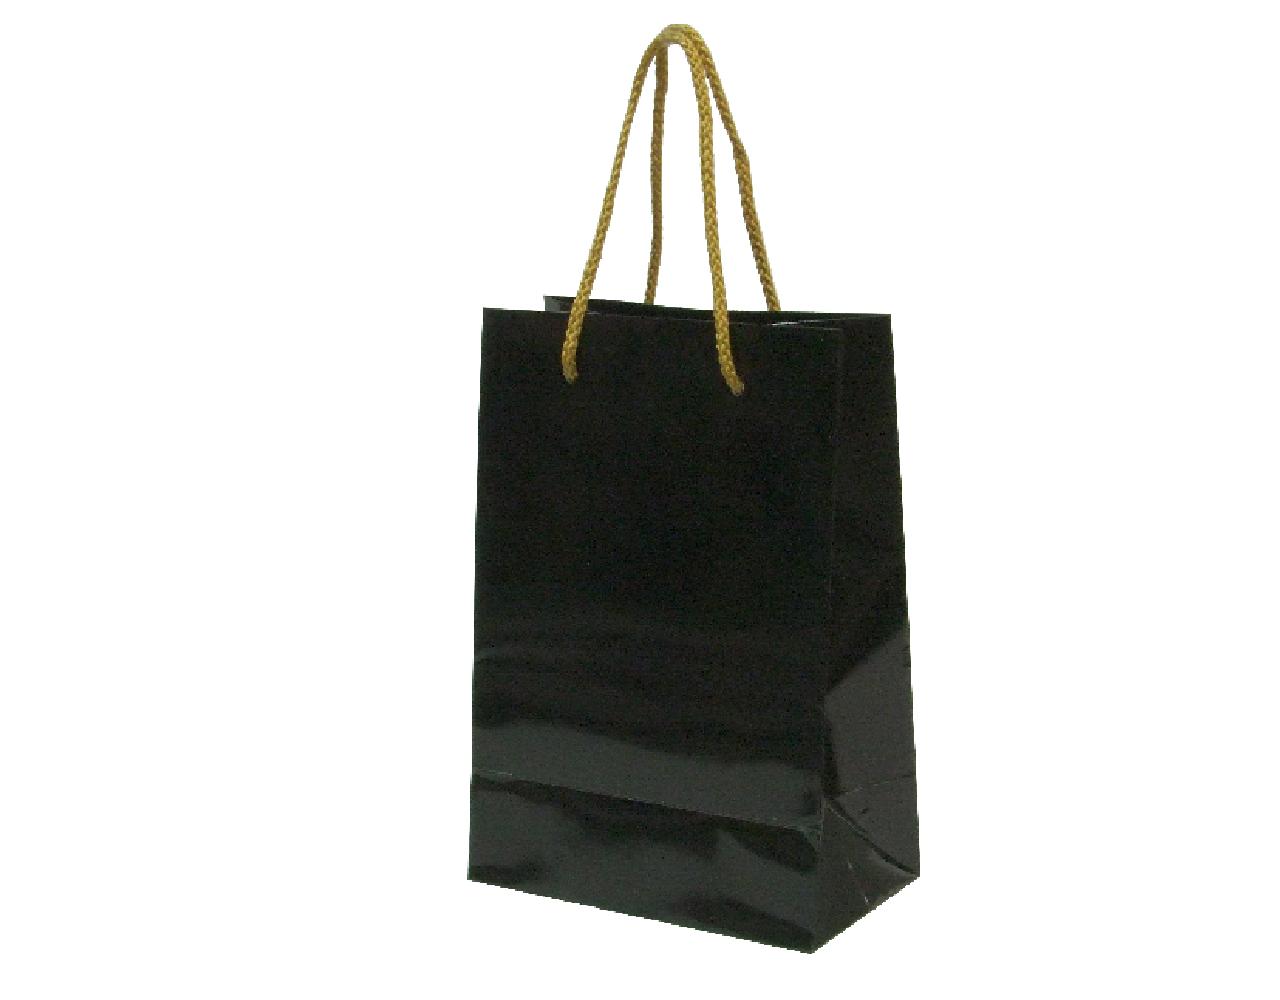 ถุงกระดาษ Black [ML] 12 pcs/pack